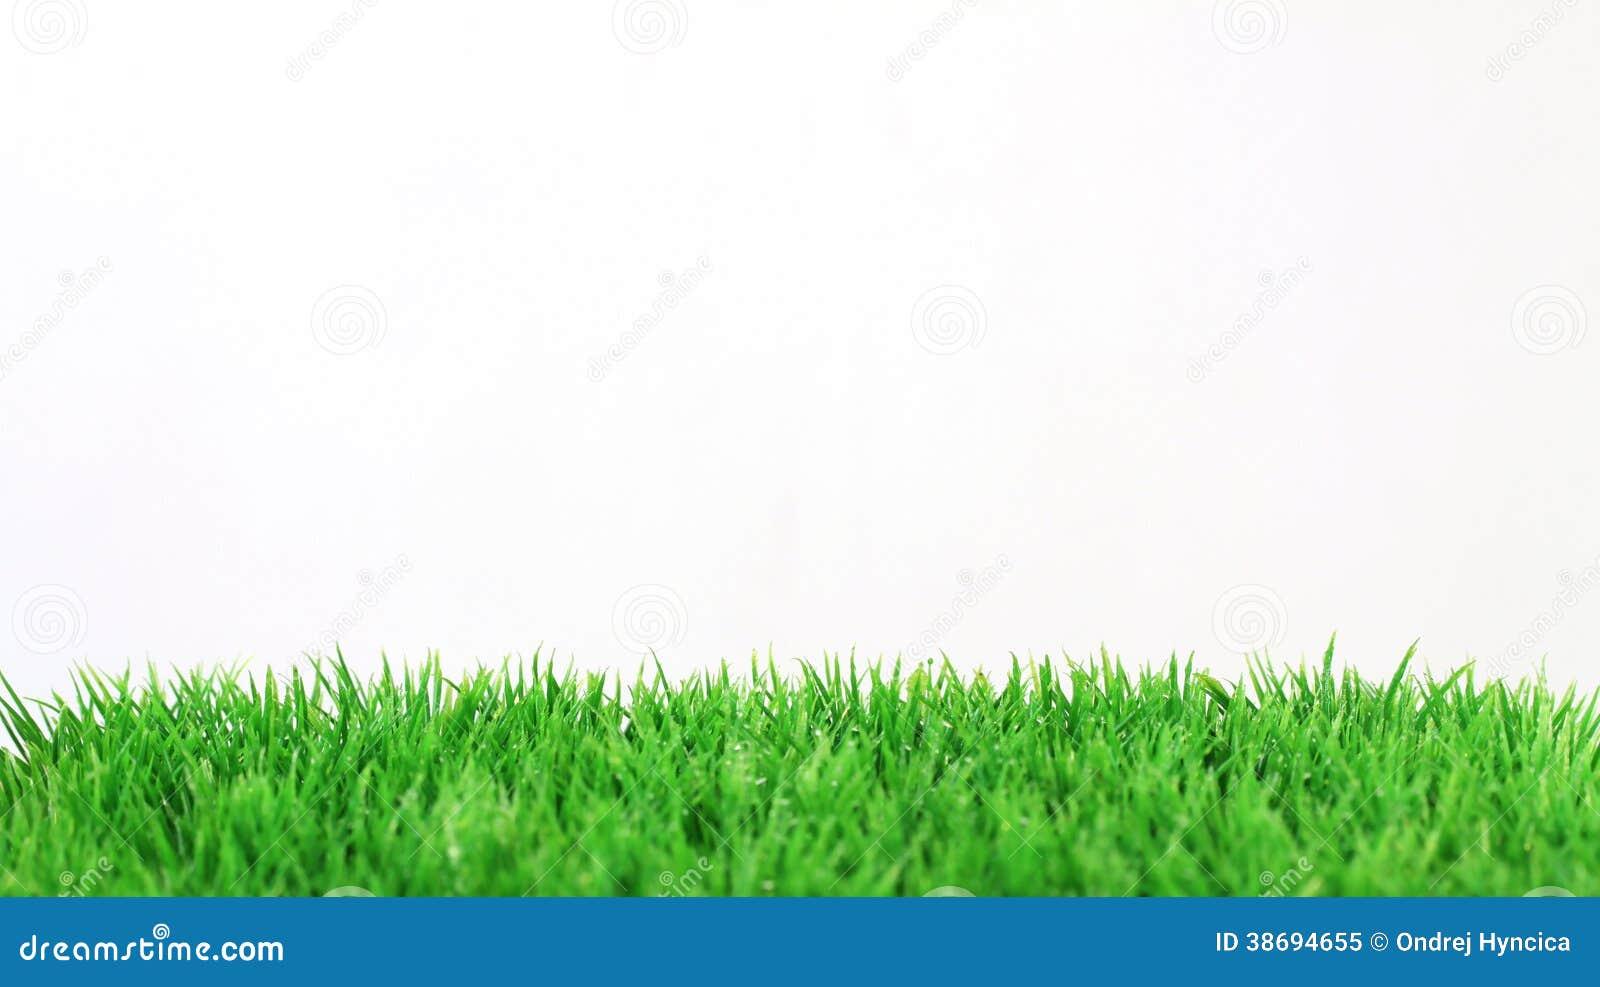 Fondo del vector de la hierba verde - Descargue